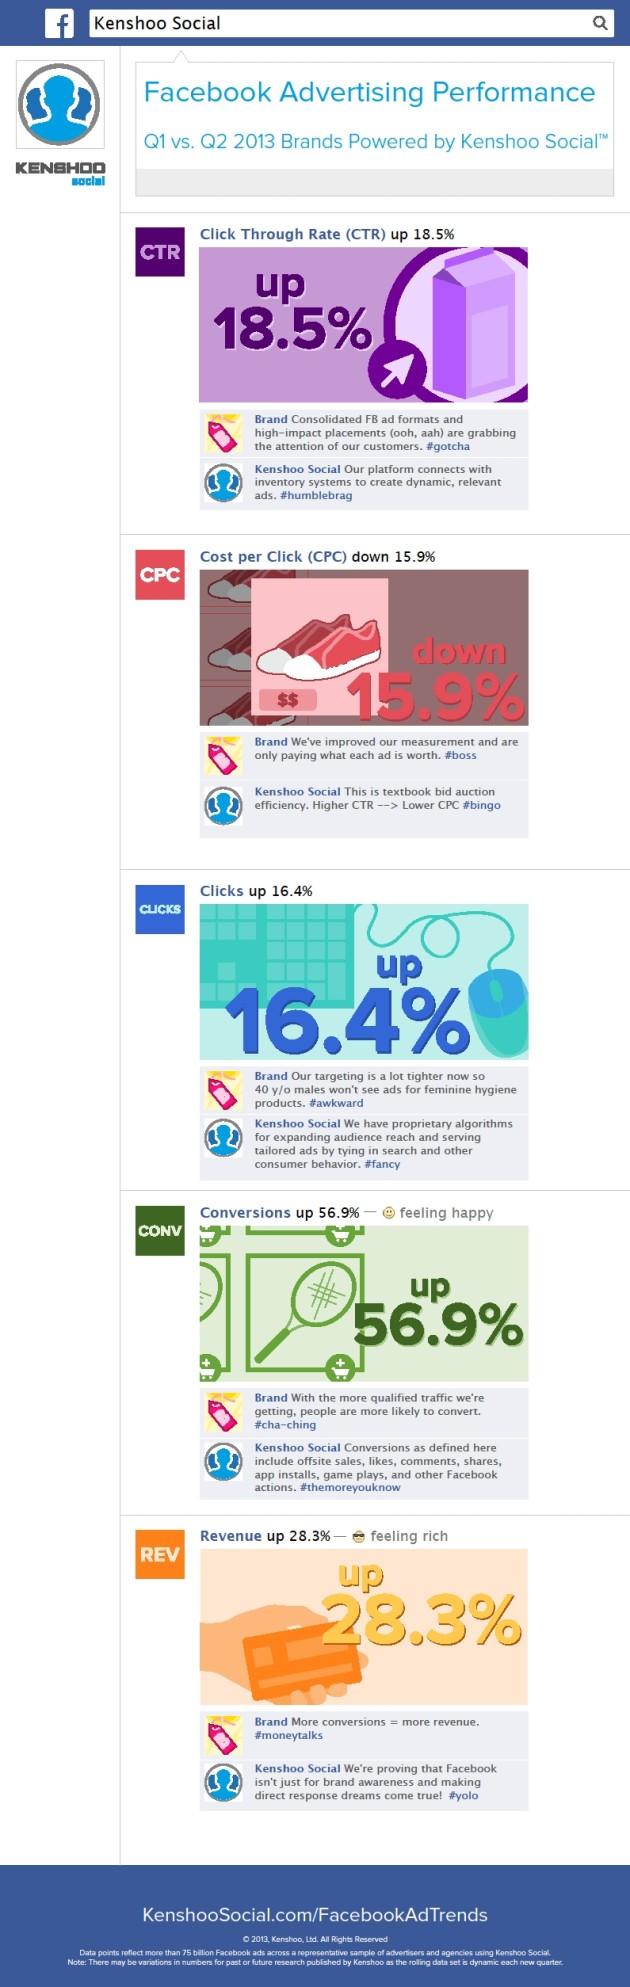 Les dernières tendances des pubs sur Facebook regroupées par Kenshoo dans une infographie